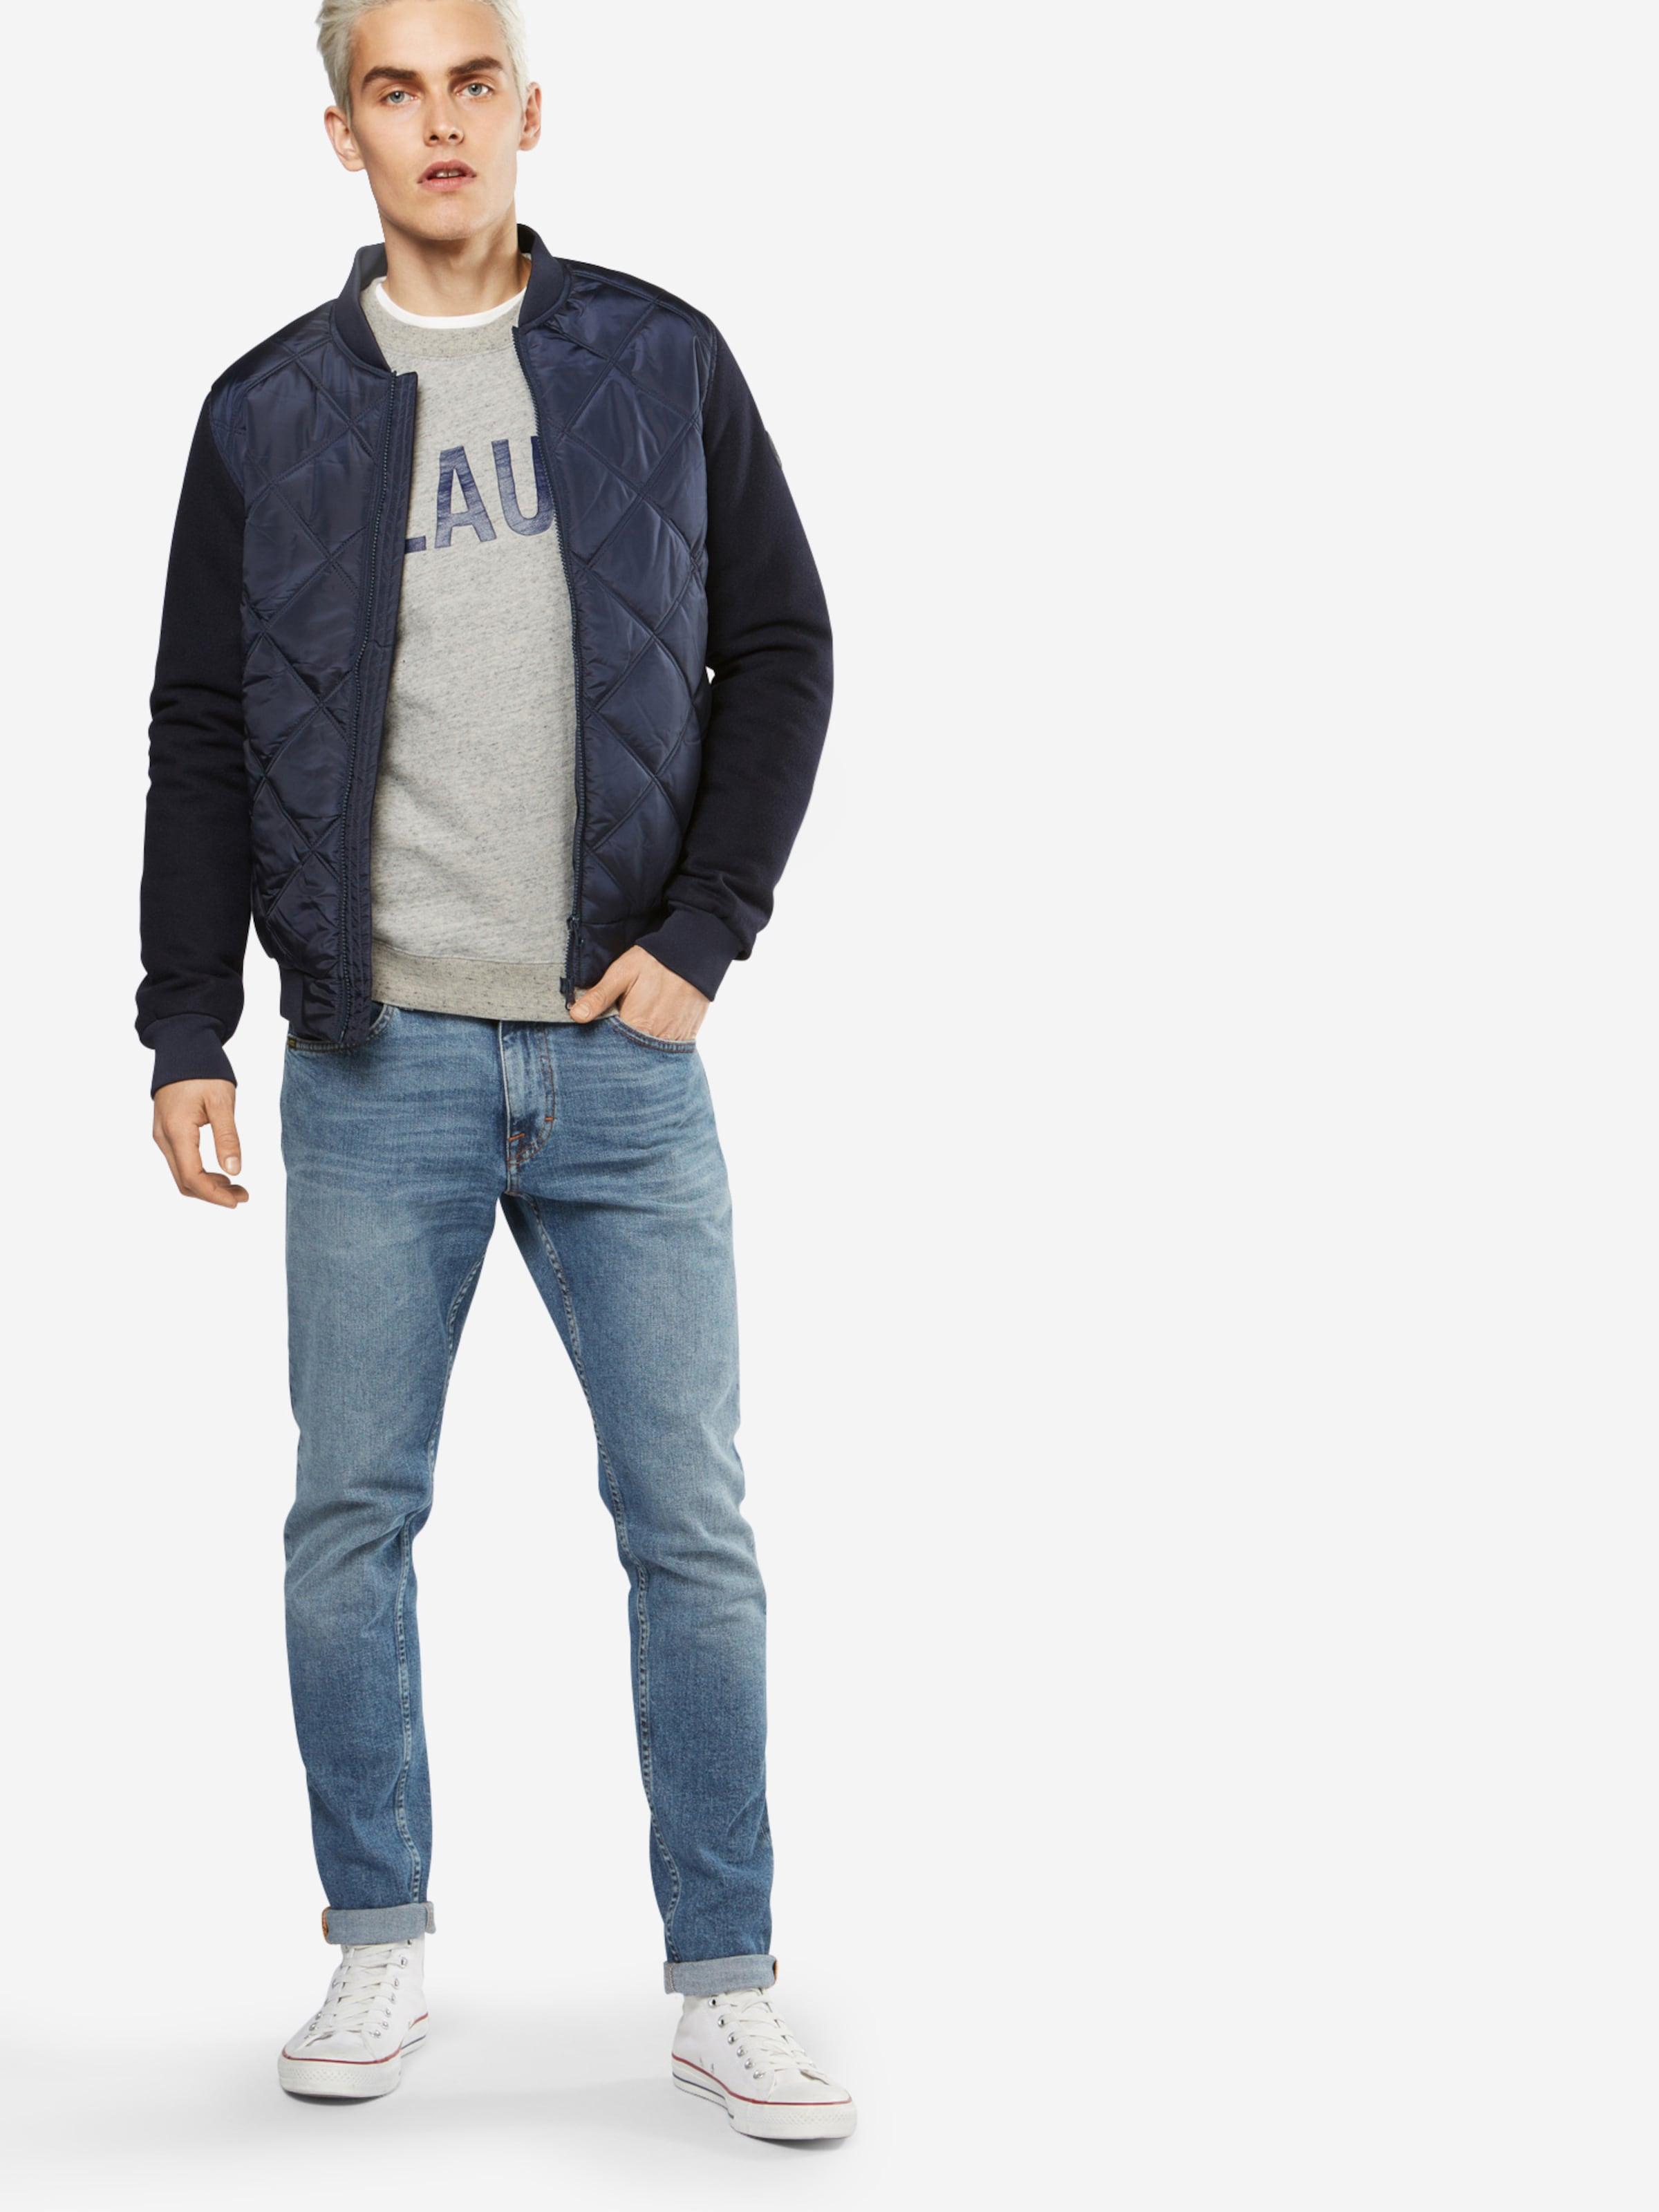 SCOTCH & SODA Sweatshirt 'Ams Blauw classic printed brand sweat' Günstigsten Preis Online Auf Heißen Verkauf xHOjR4Wk